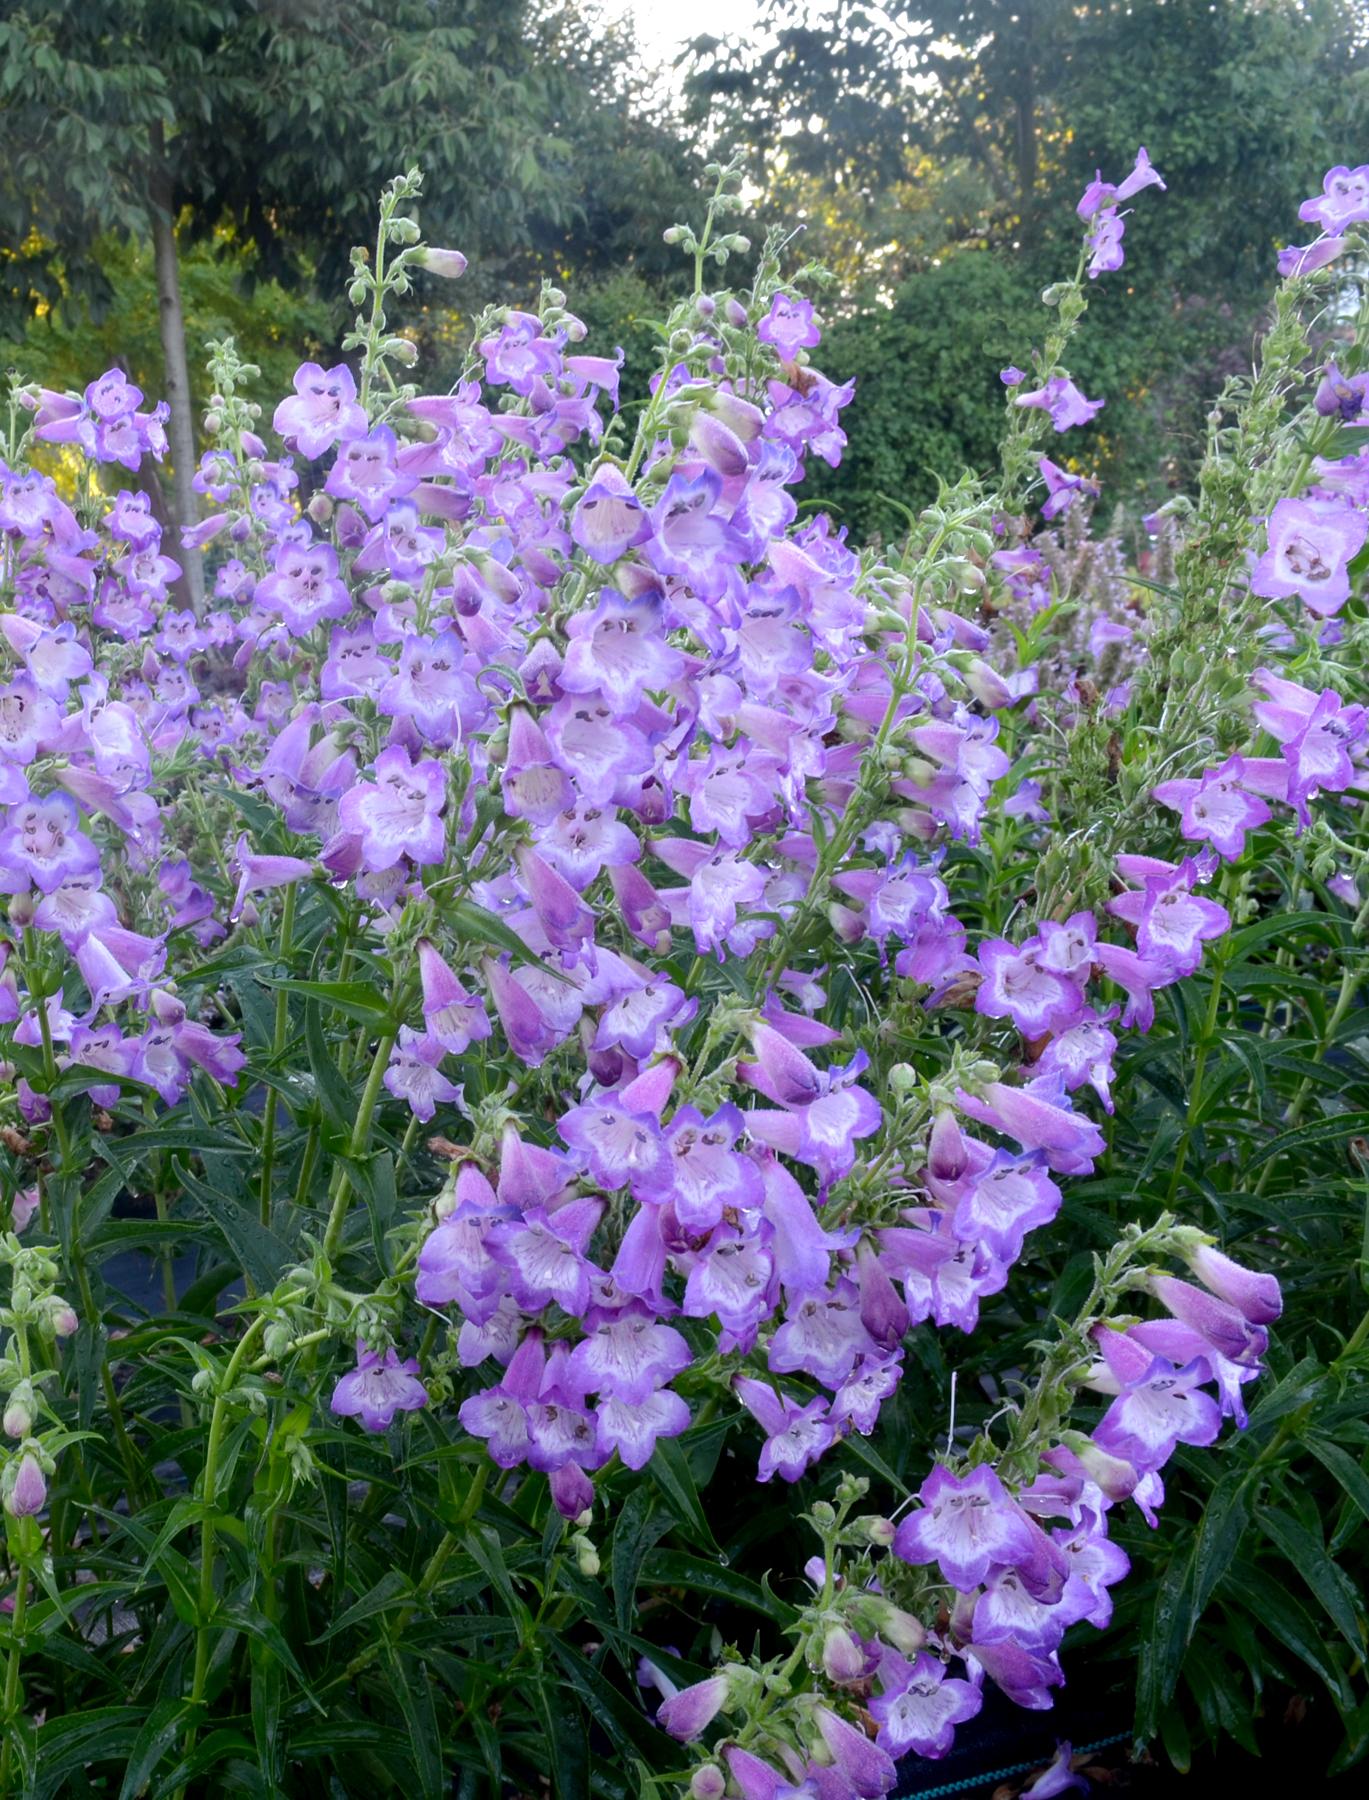 Penstemon-Cha-Cha-Lavender-1.jpg